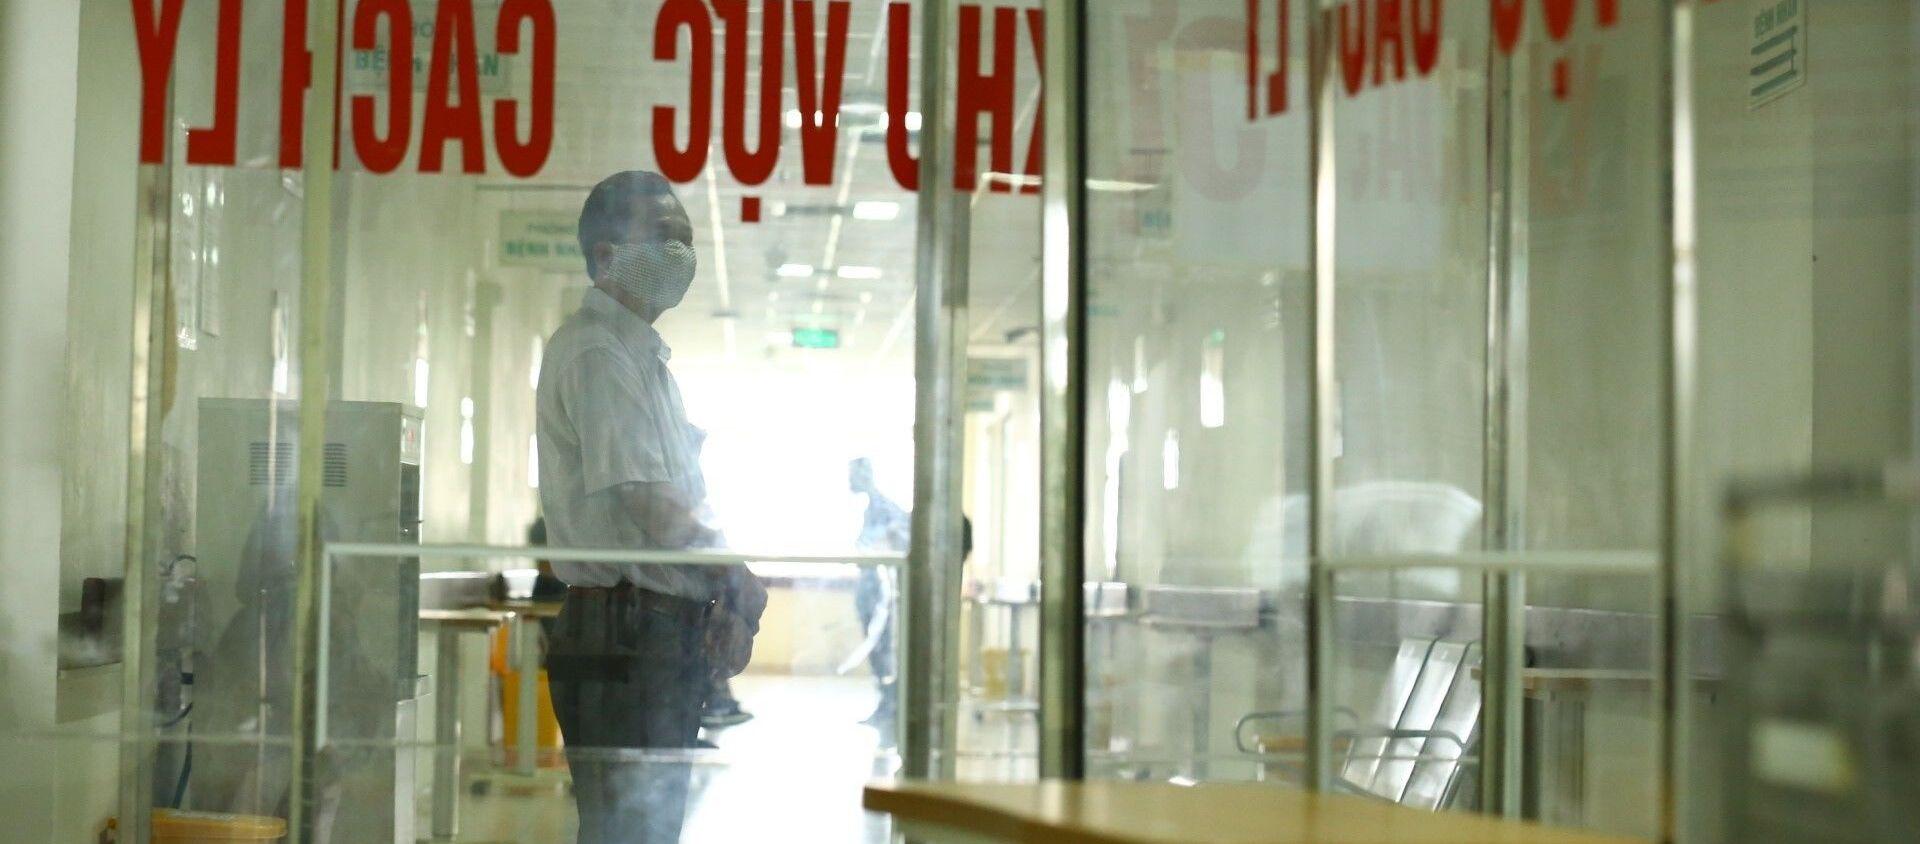 Khu cách ly cho công dân trở về từ Guinea Xích đạo tại bệnh viện Bệnh Nhiệt đới TƯ cơ sở 2 - Sputnik Việt Nam, 1920, 08.09.2020